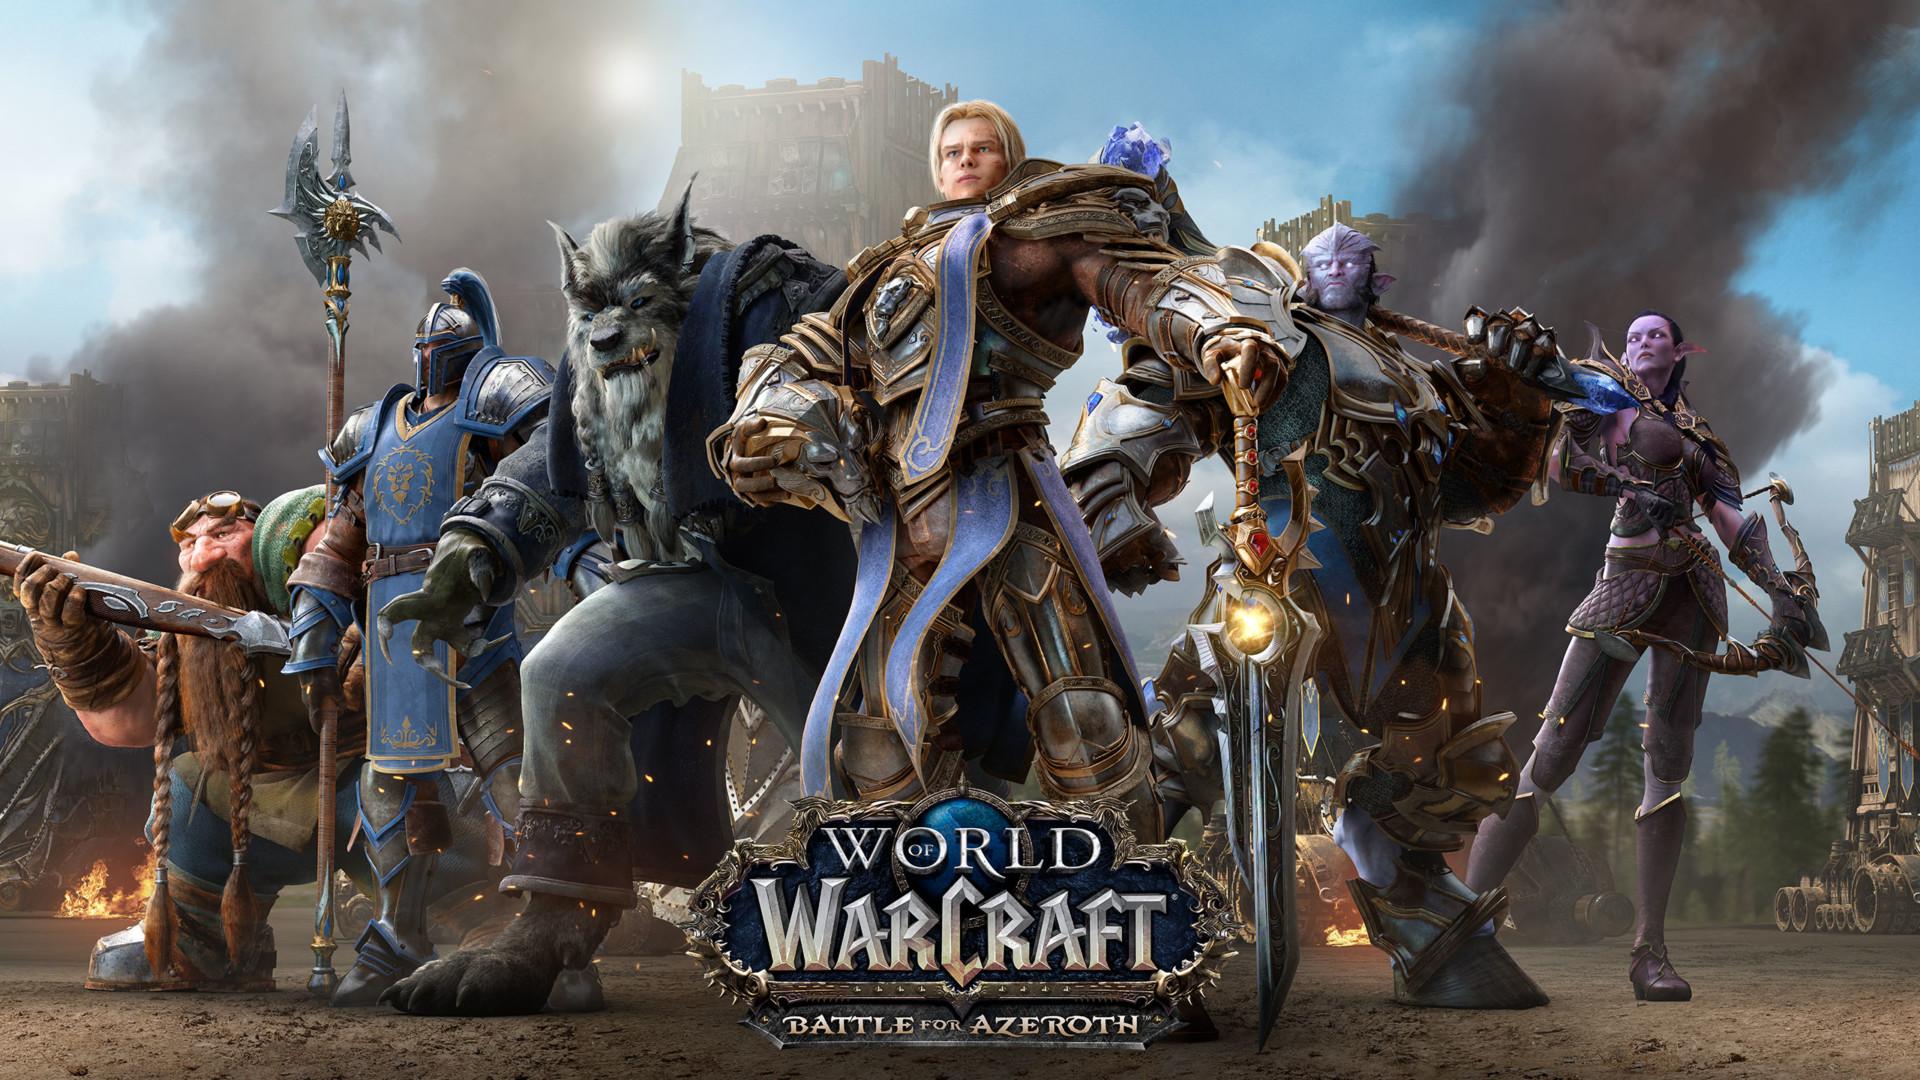 Un bug de World of Warcraft eliminó el progreso de miles de jugadores